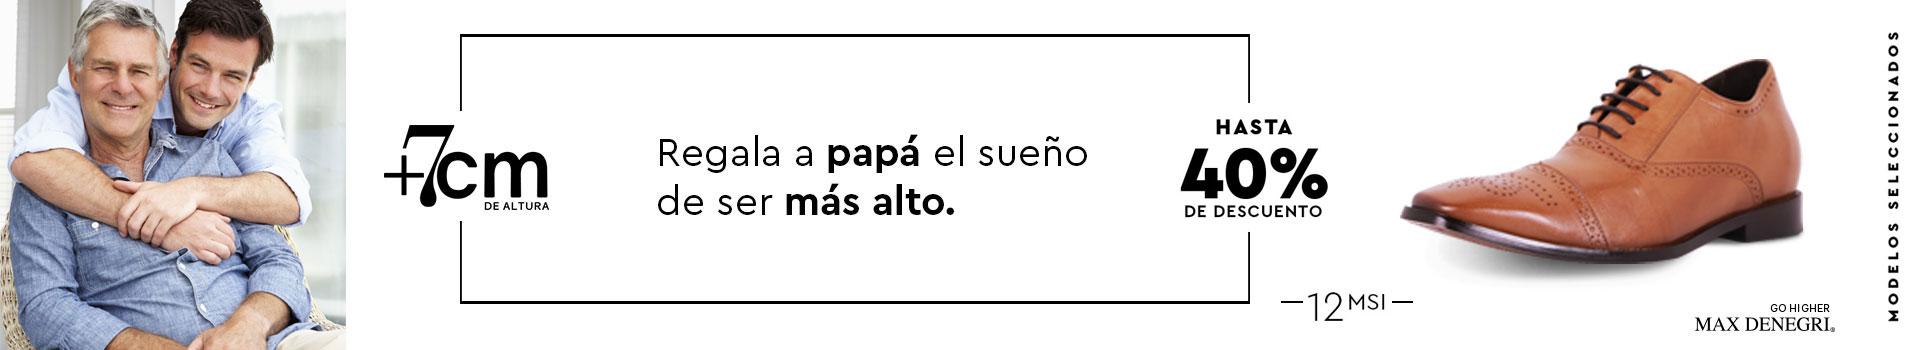 Día del Padre Max Denegri